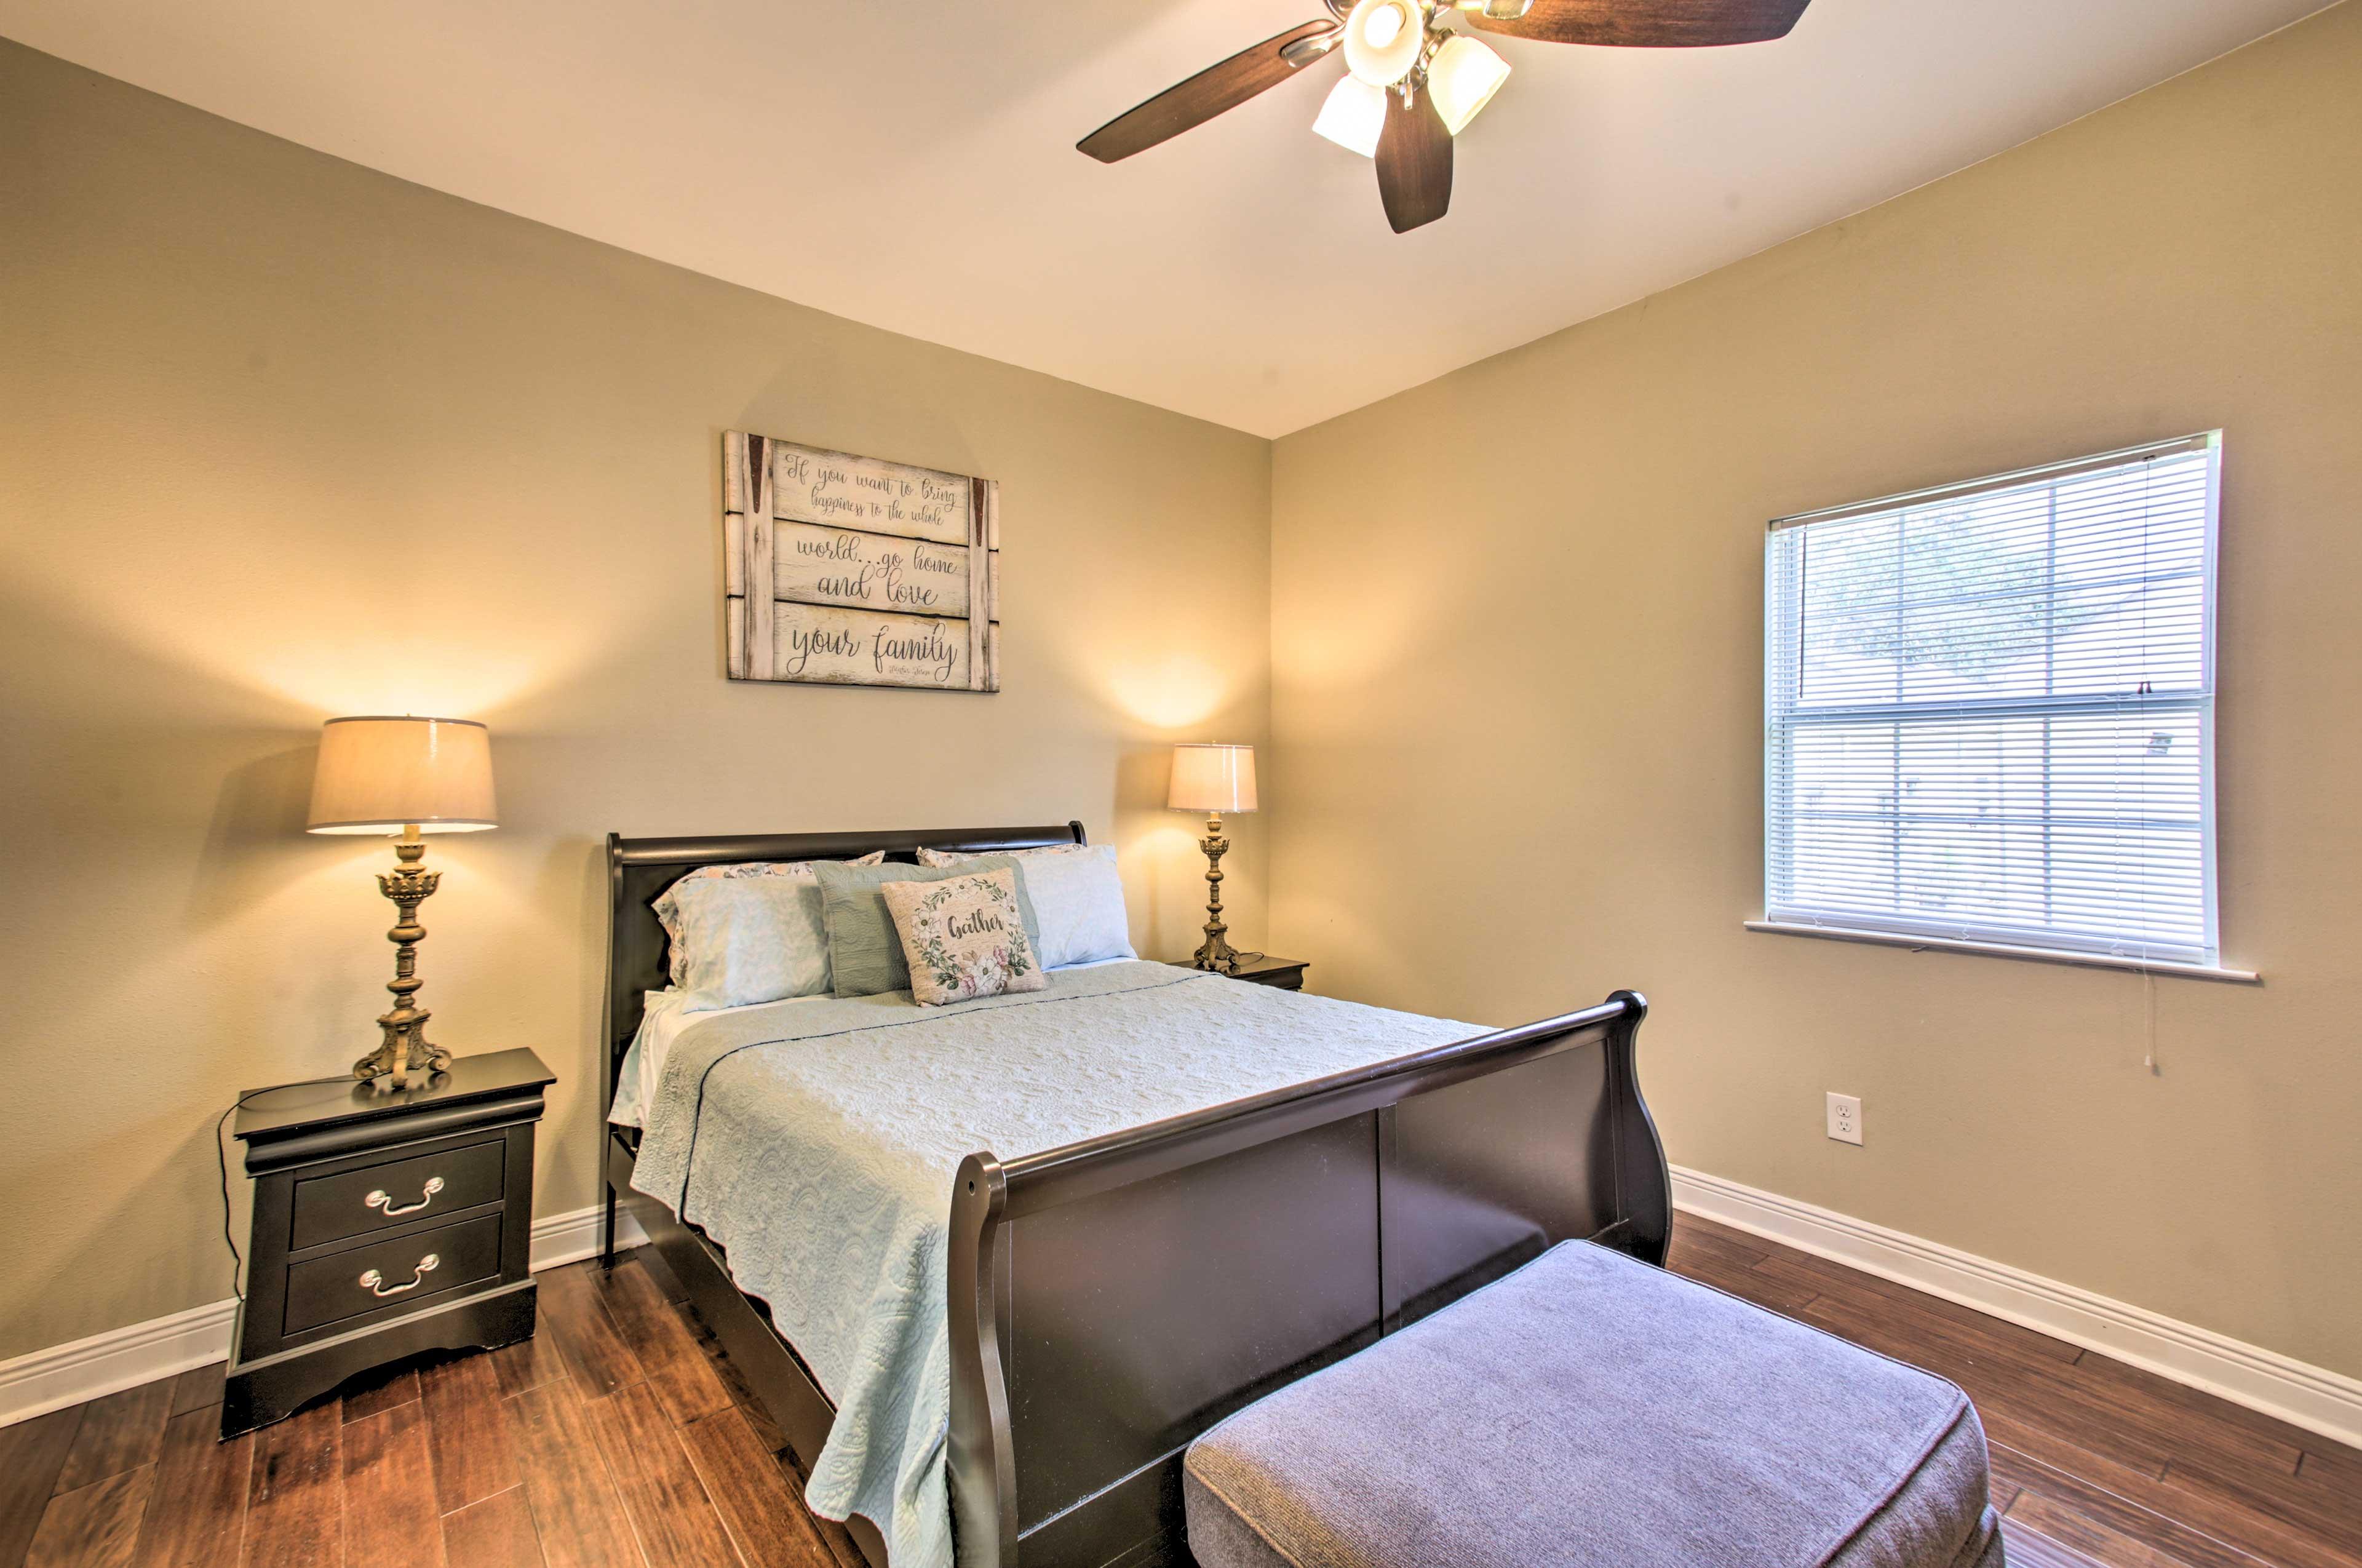 Bedroom 1 | Queen Bed | Sleeper Sofa | En-Suite Bathroom